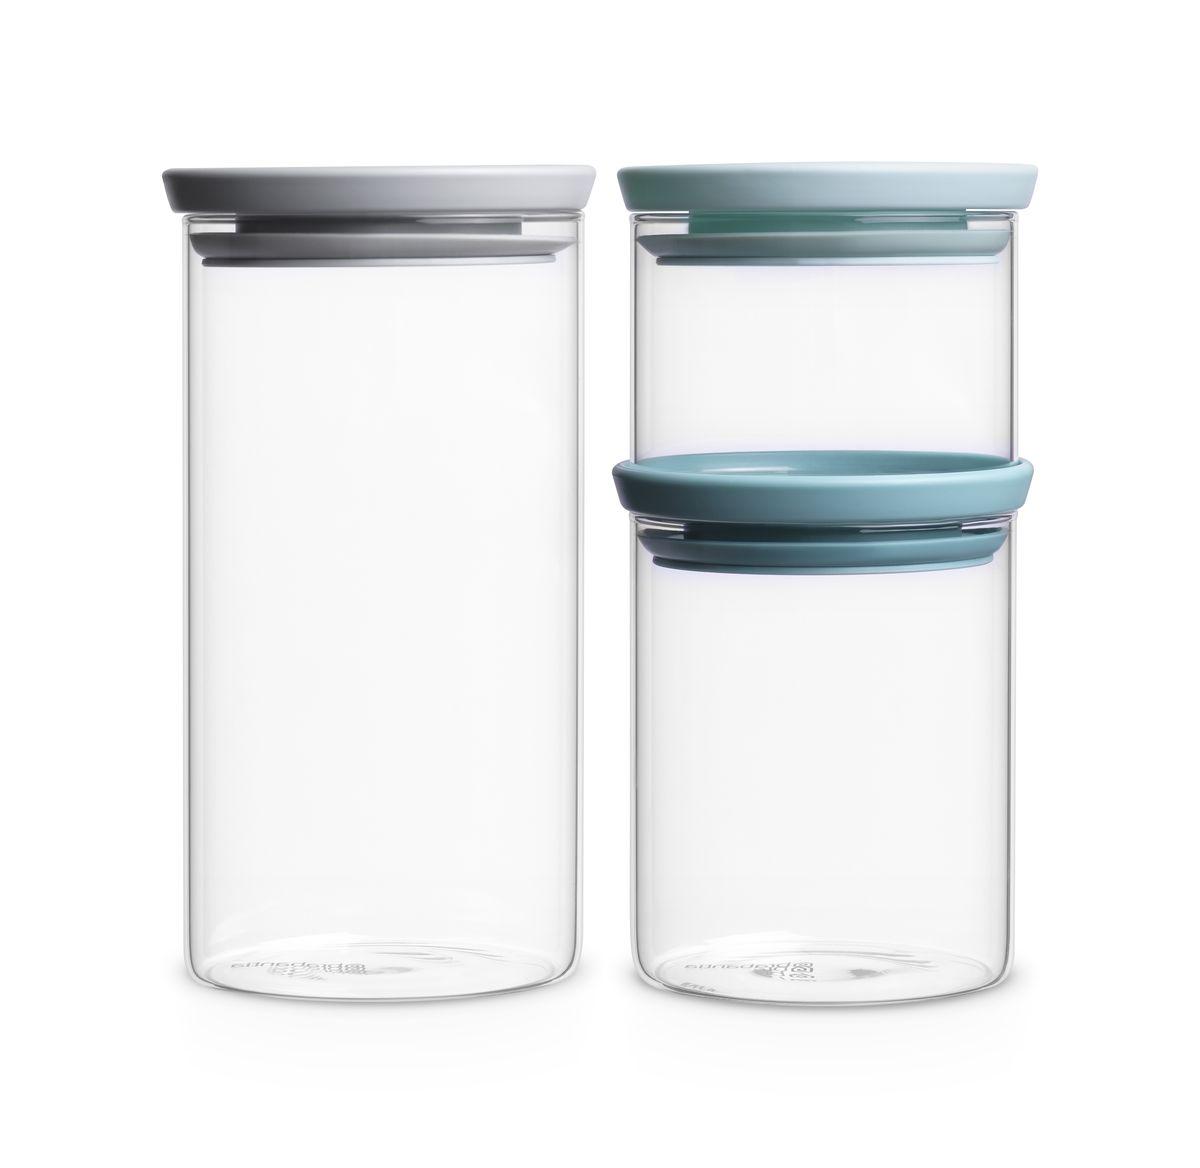 Набор банок для сыпучих продуктов Brabantia, 3 шт. 298325298325Экономия места – модульная конструкция: банки составляются одна на другую. Продукты дольше сохраняют свежесть – герметичная крышка. Хорошо видно содержимое и его объем – прозрачное стекло. Легко моются – банки и крышки можно мыть в посудомоечной машине.